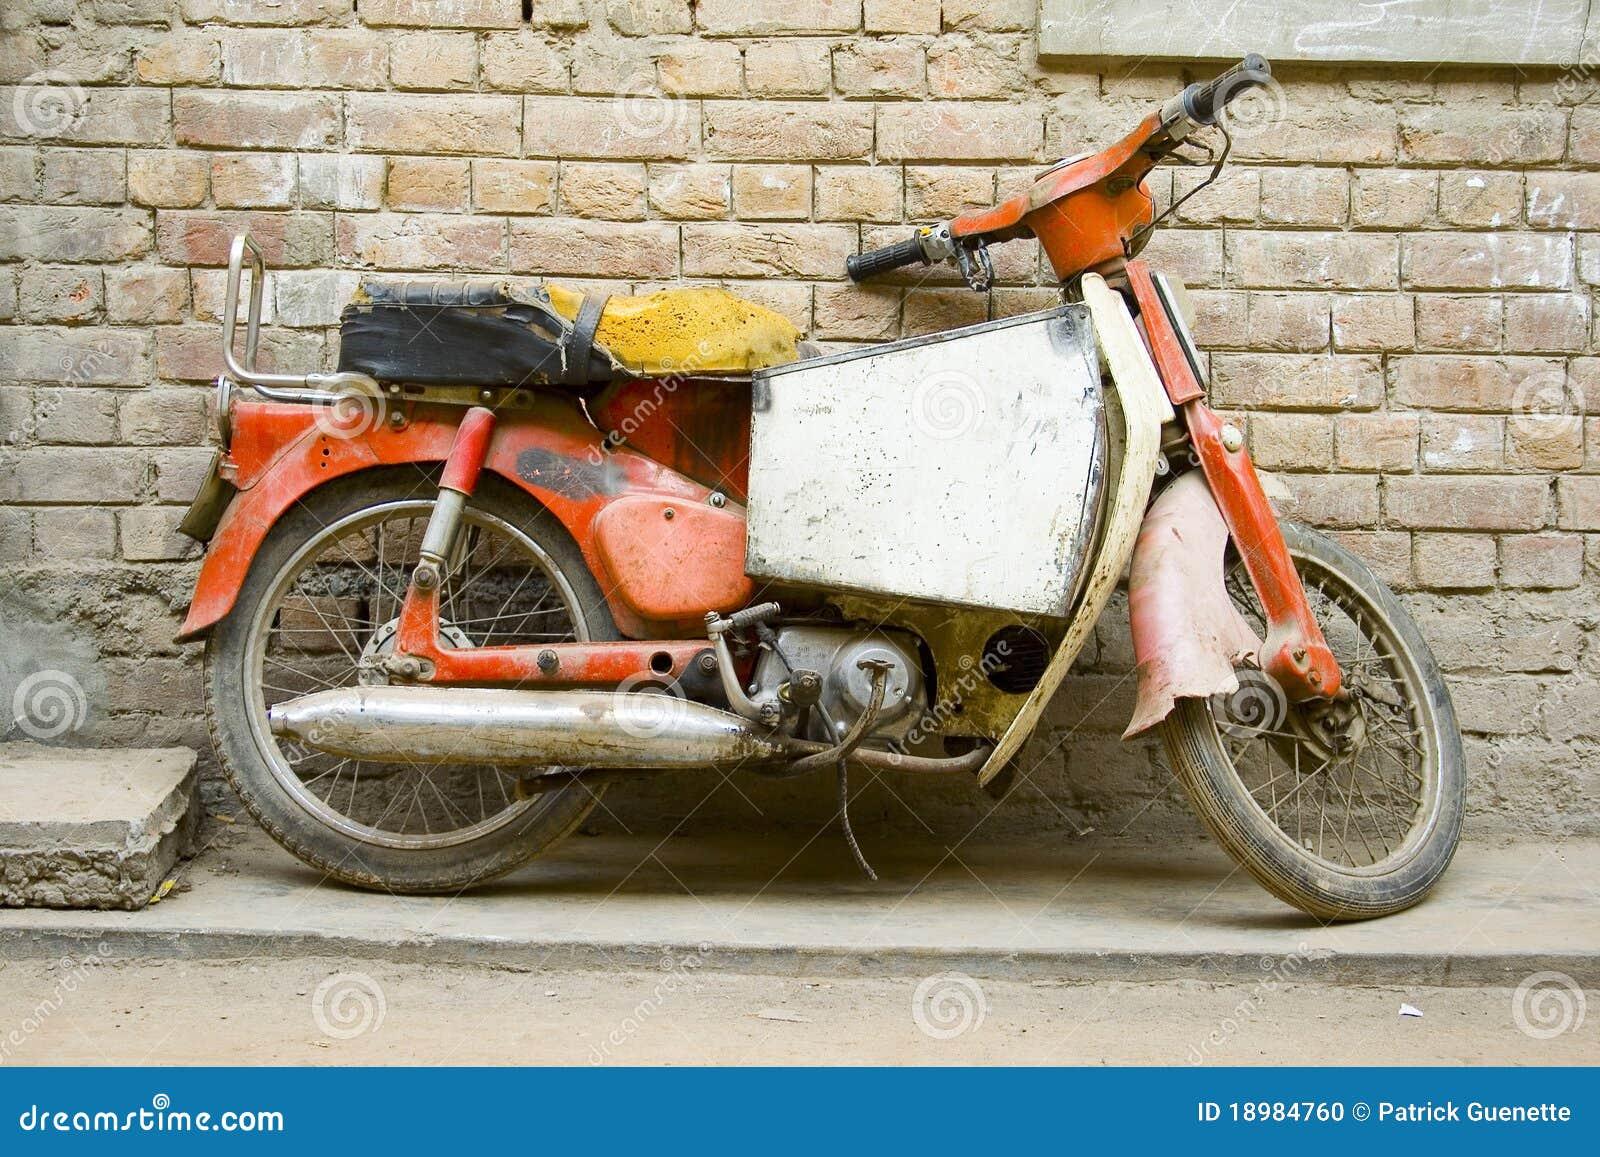 vieille moto photo stock image du brique us moto 18984760. Black Bedroom Furniture Sets. Home Design Ideas